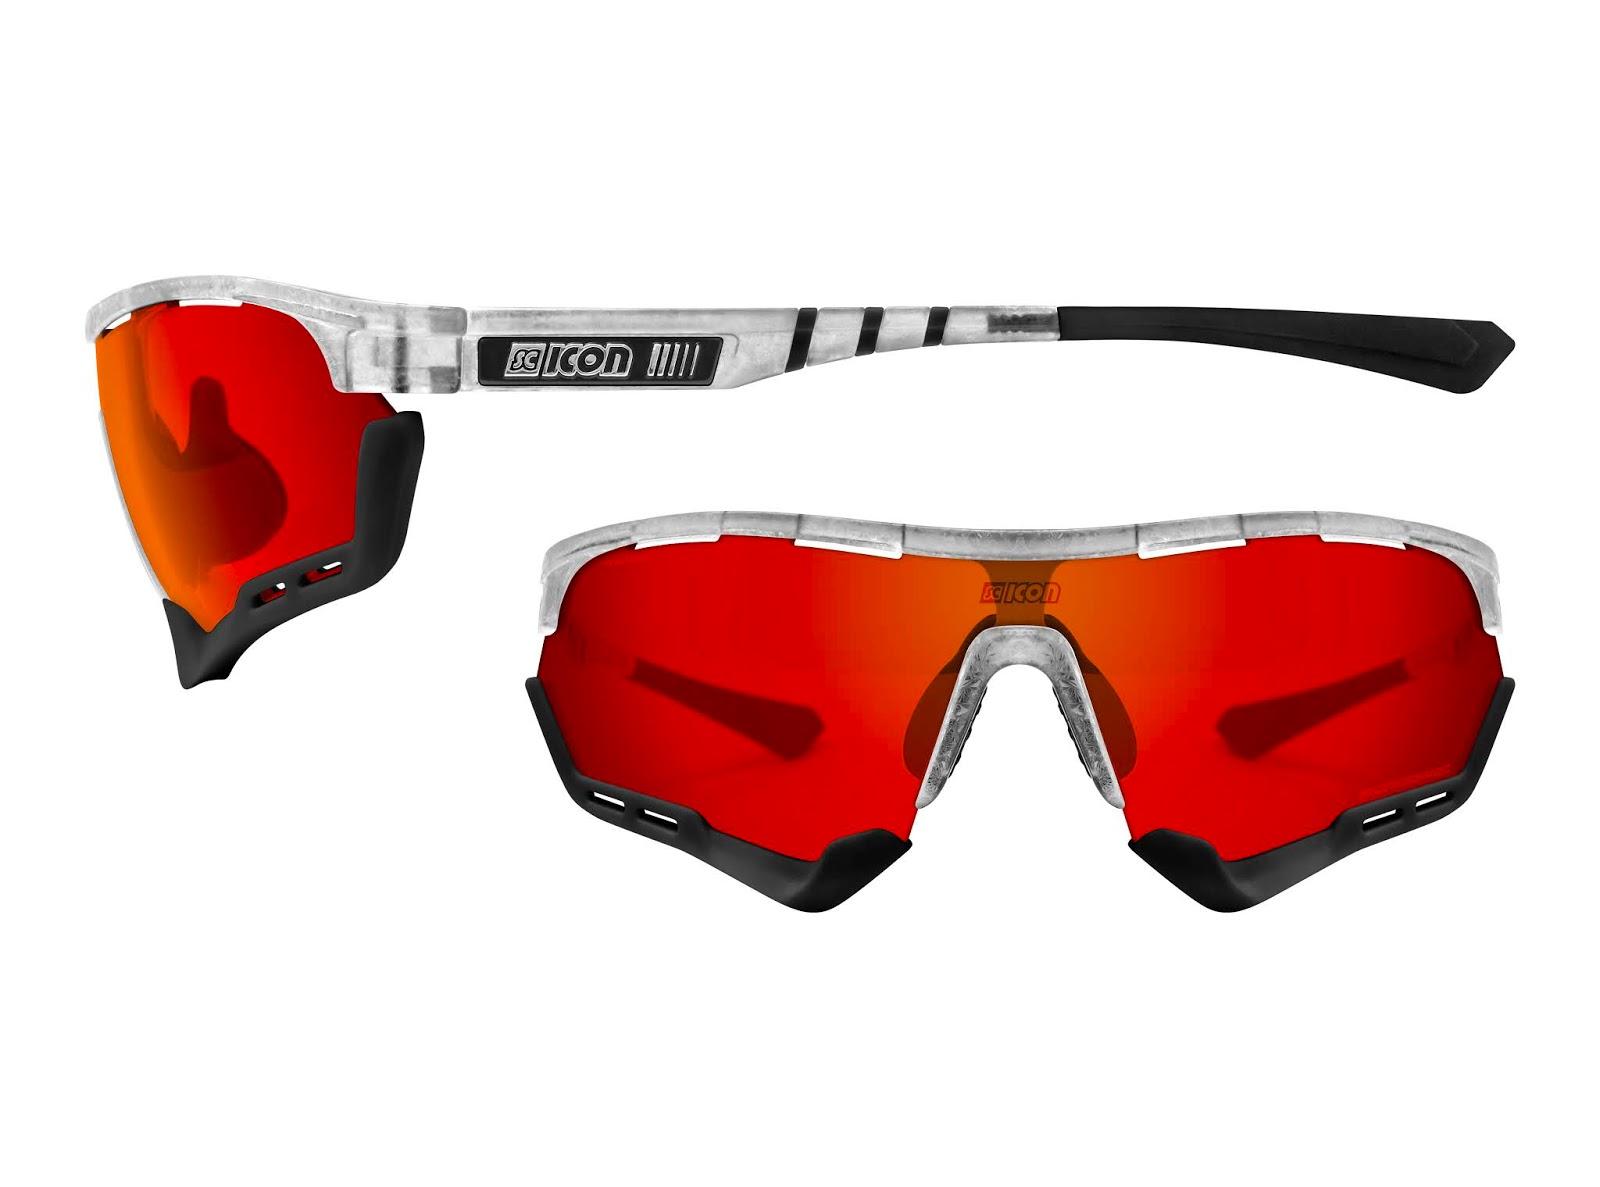 9d8f48b52c Las lentes SCN-XT montadas de la colección Performance non tienen rival, ya  que la mayoría de los fabricantes de gafas deportivas ofrecen lentes en ...